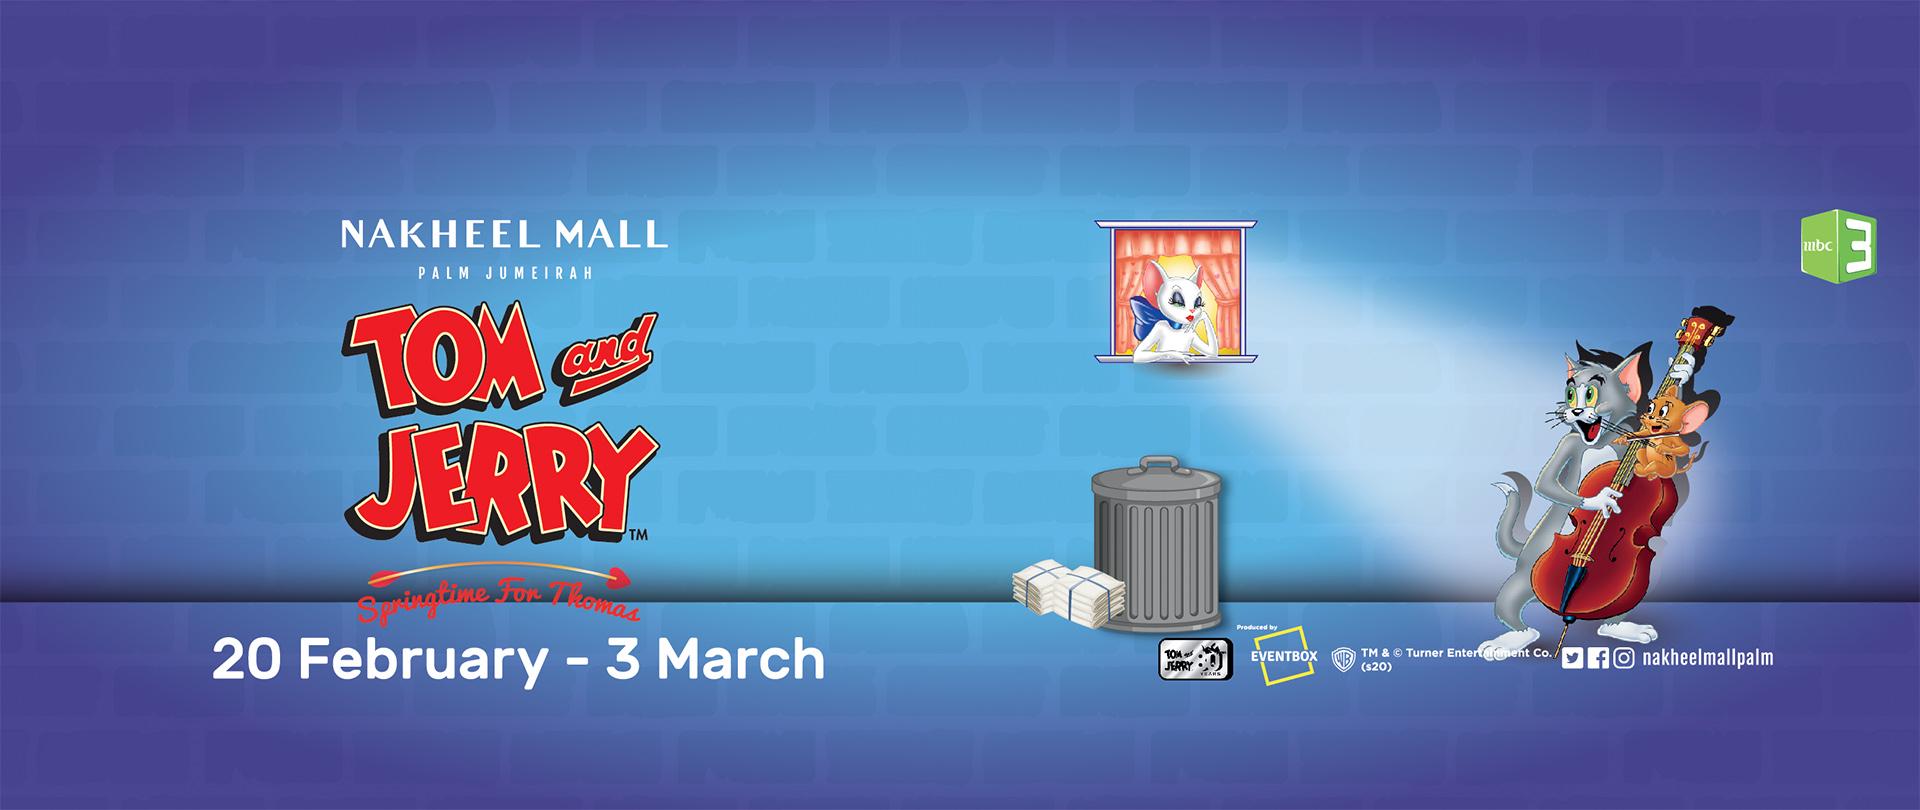 Tom-and-Jerry-Nakheel-Mall